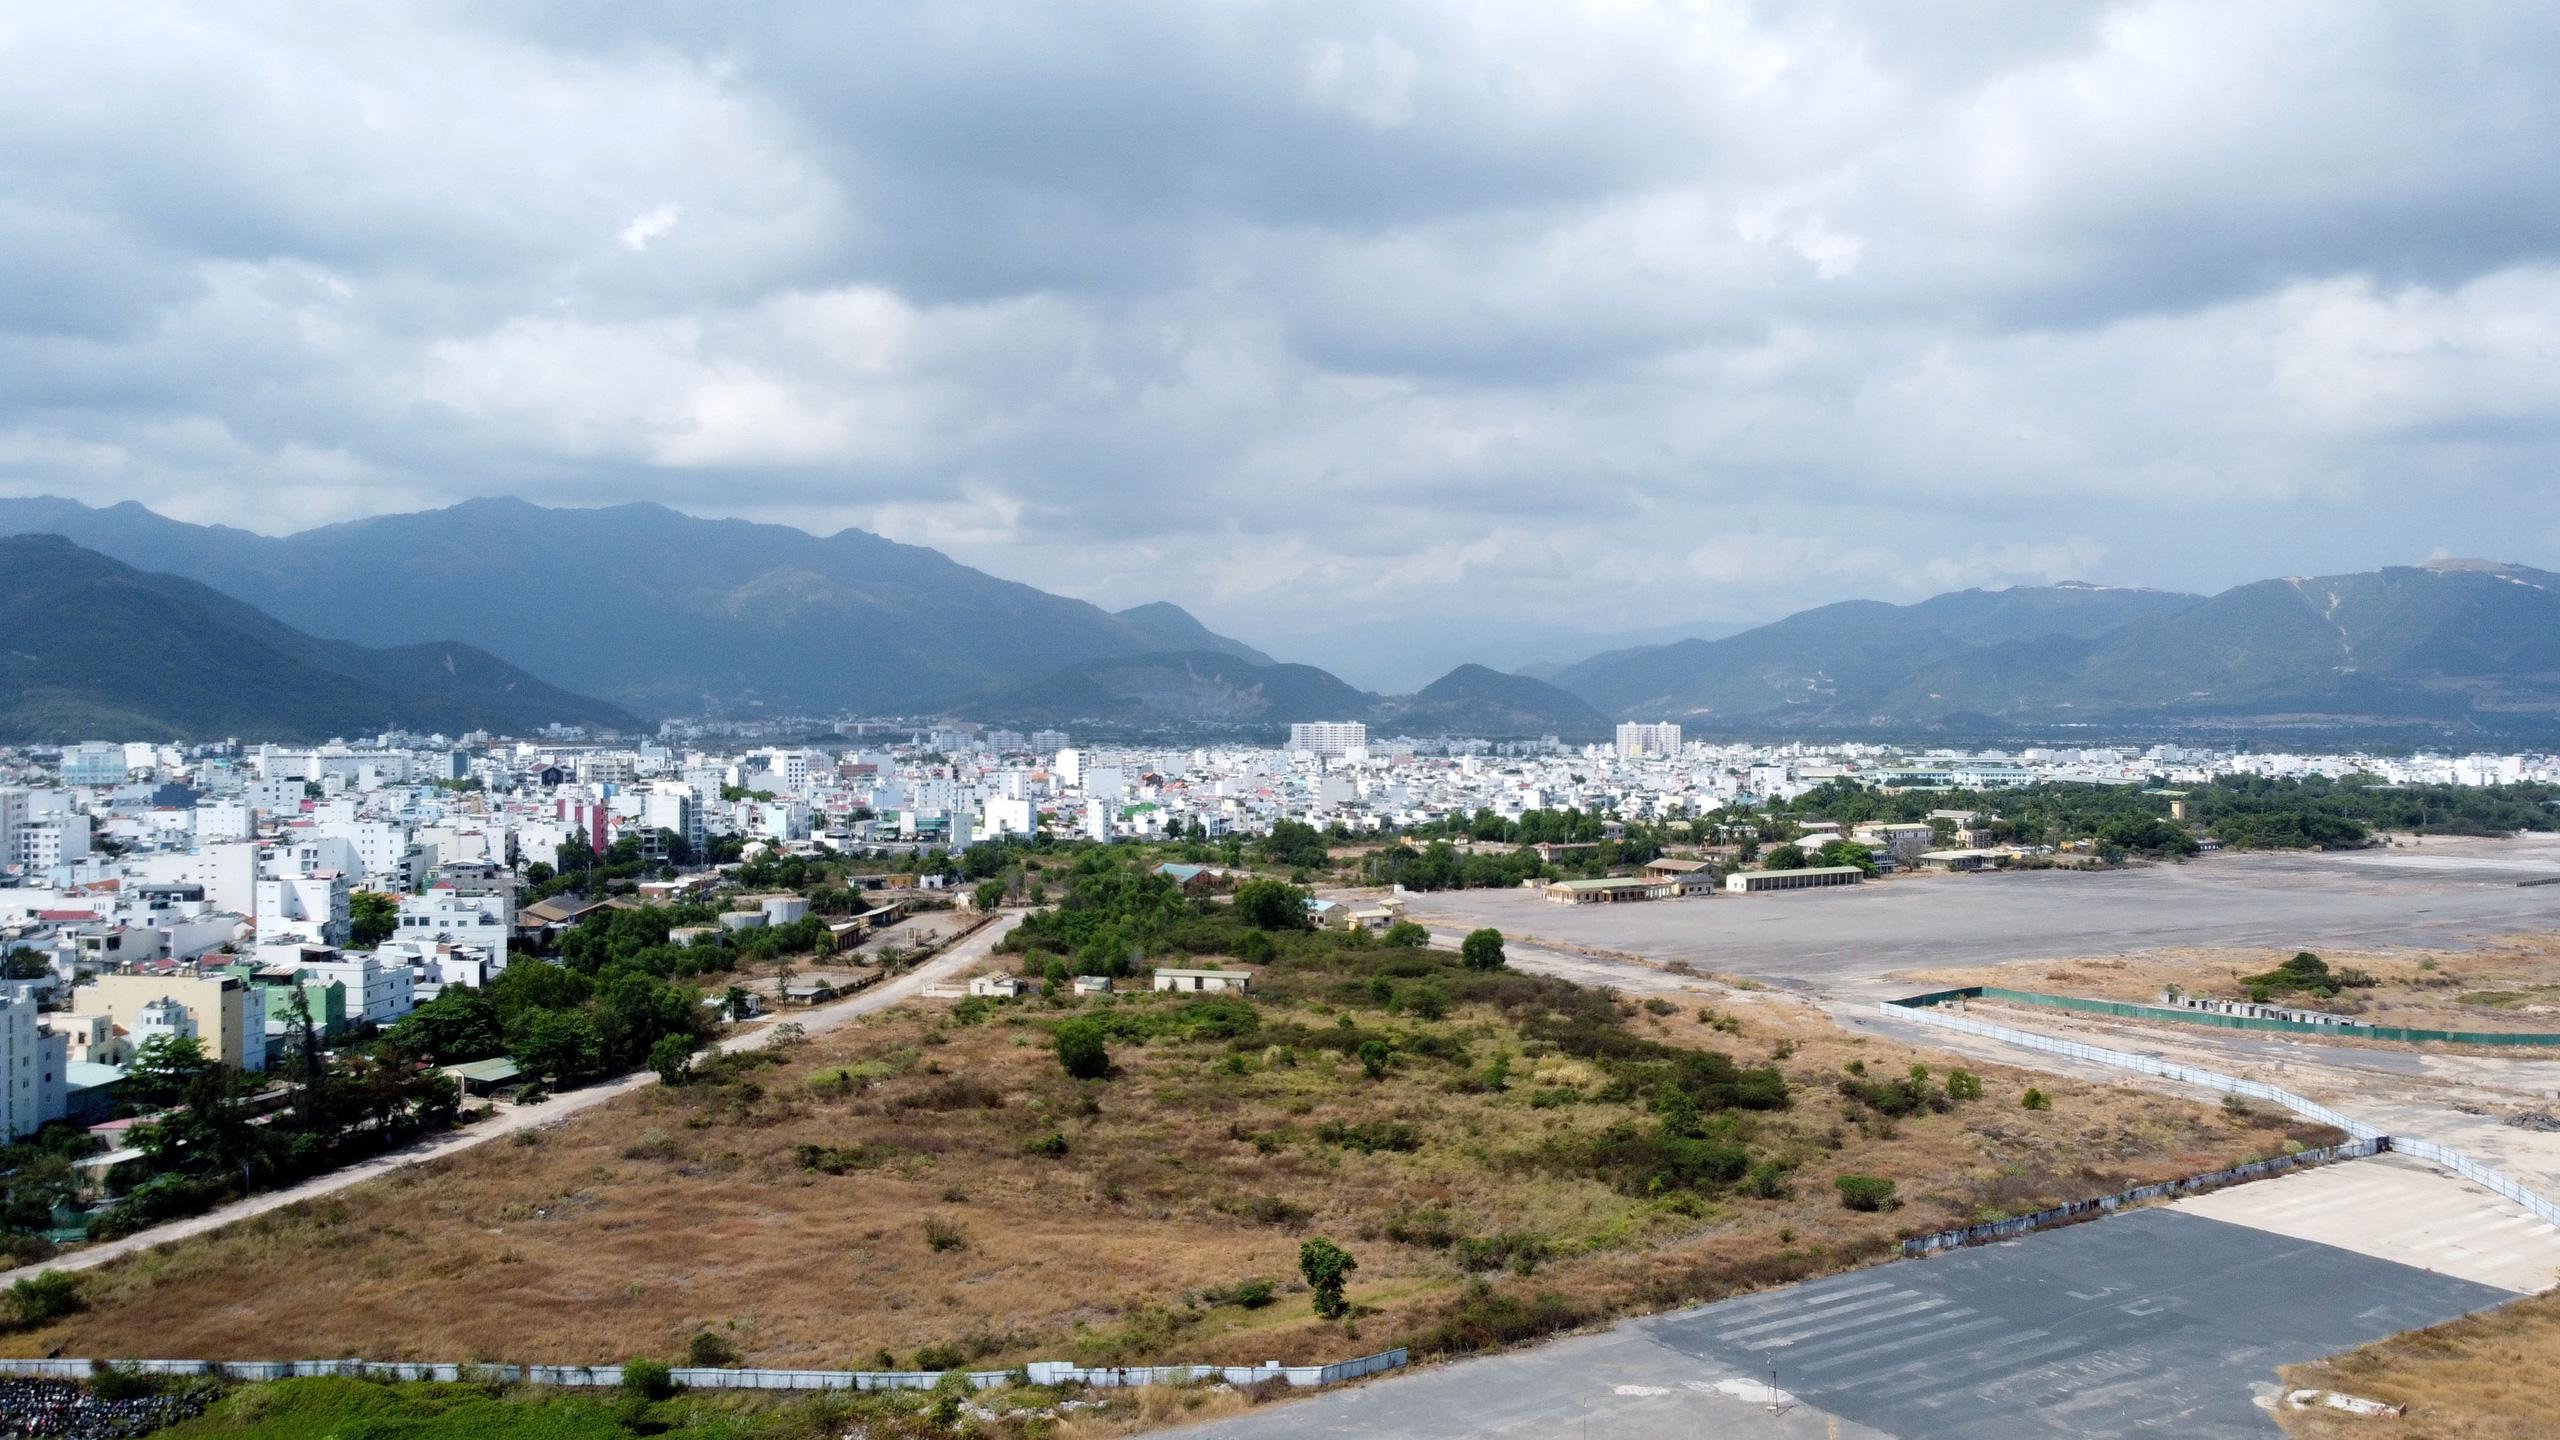 Cận cảnh khu đất sân bay Nha Trang cũ chuẩn bị đấu giá đất - Ảnh 8.